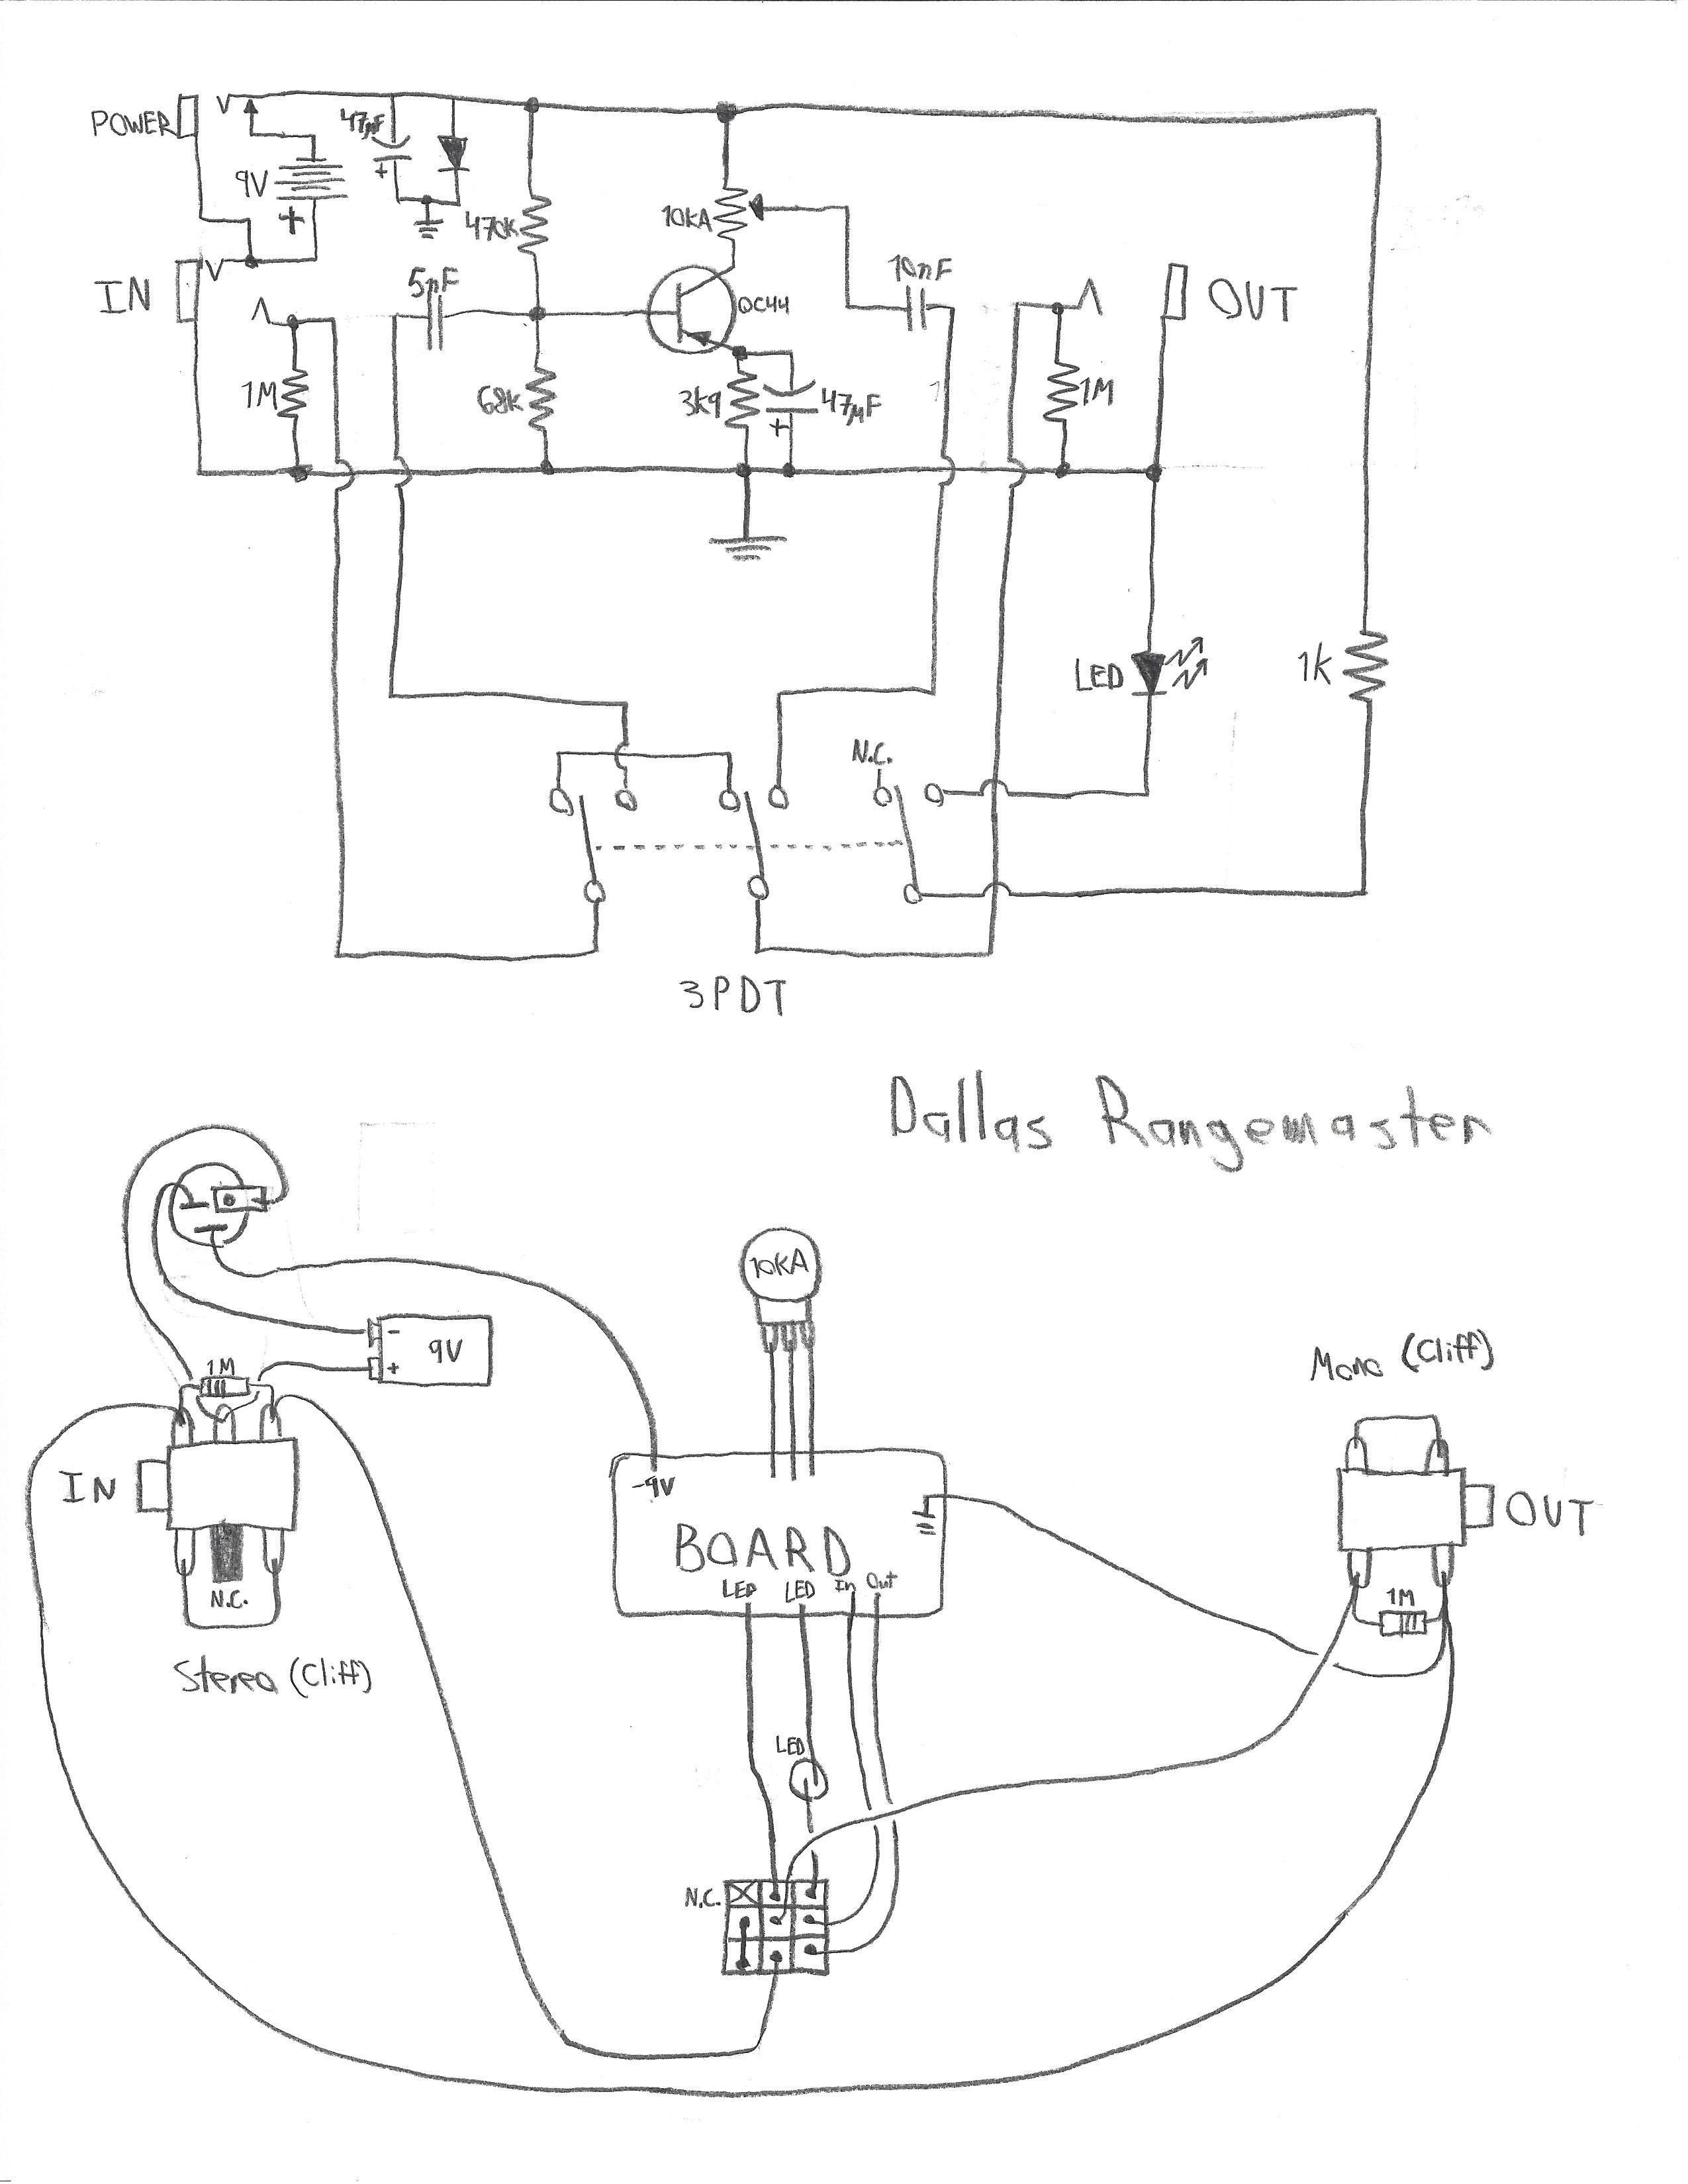 3pdt Wiring Schematic Board - Wiring Diagram Networks